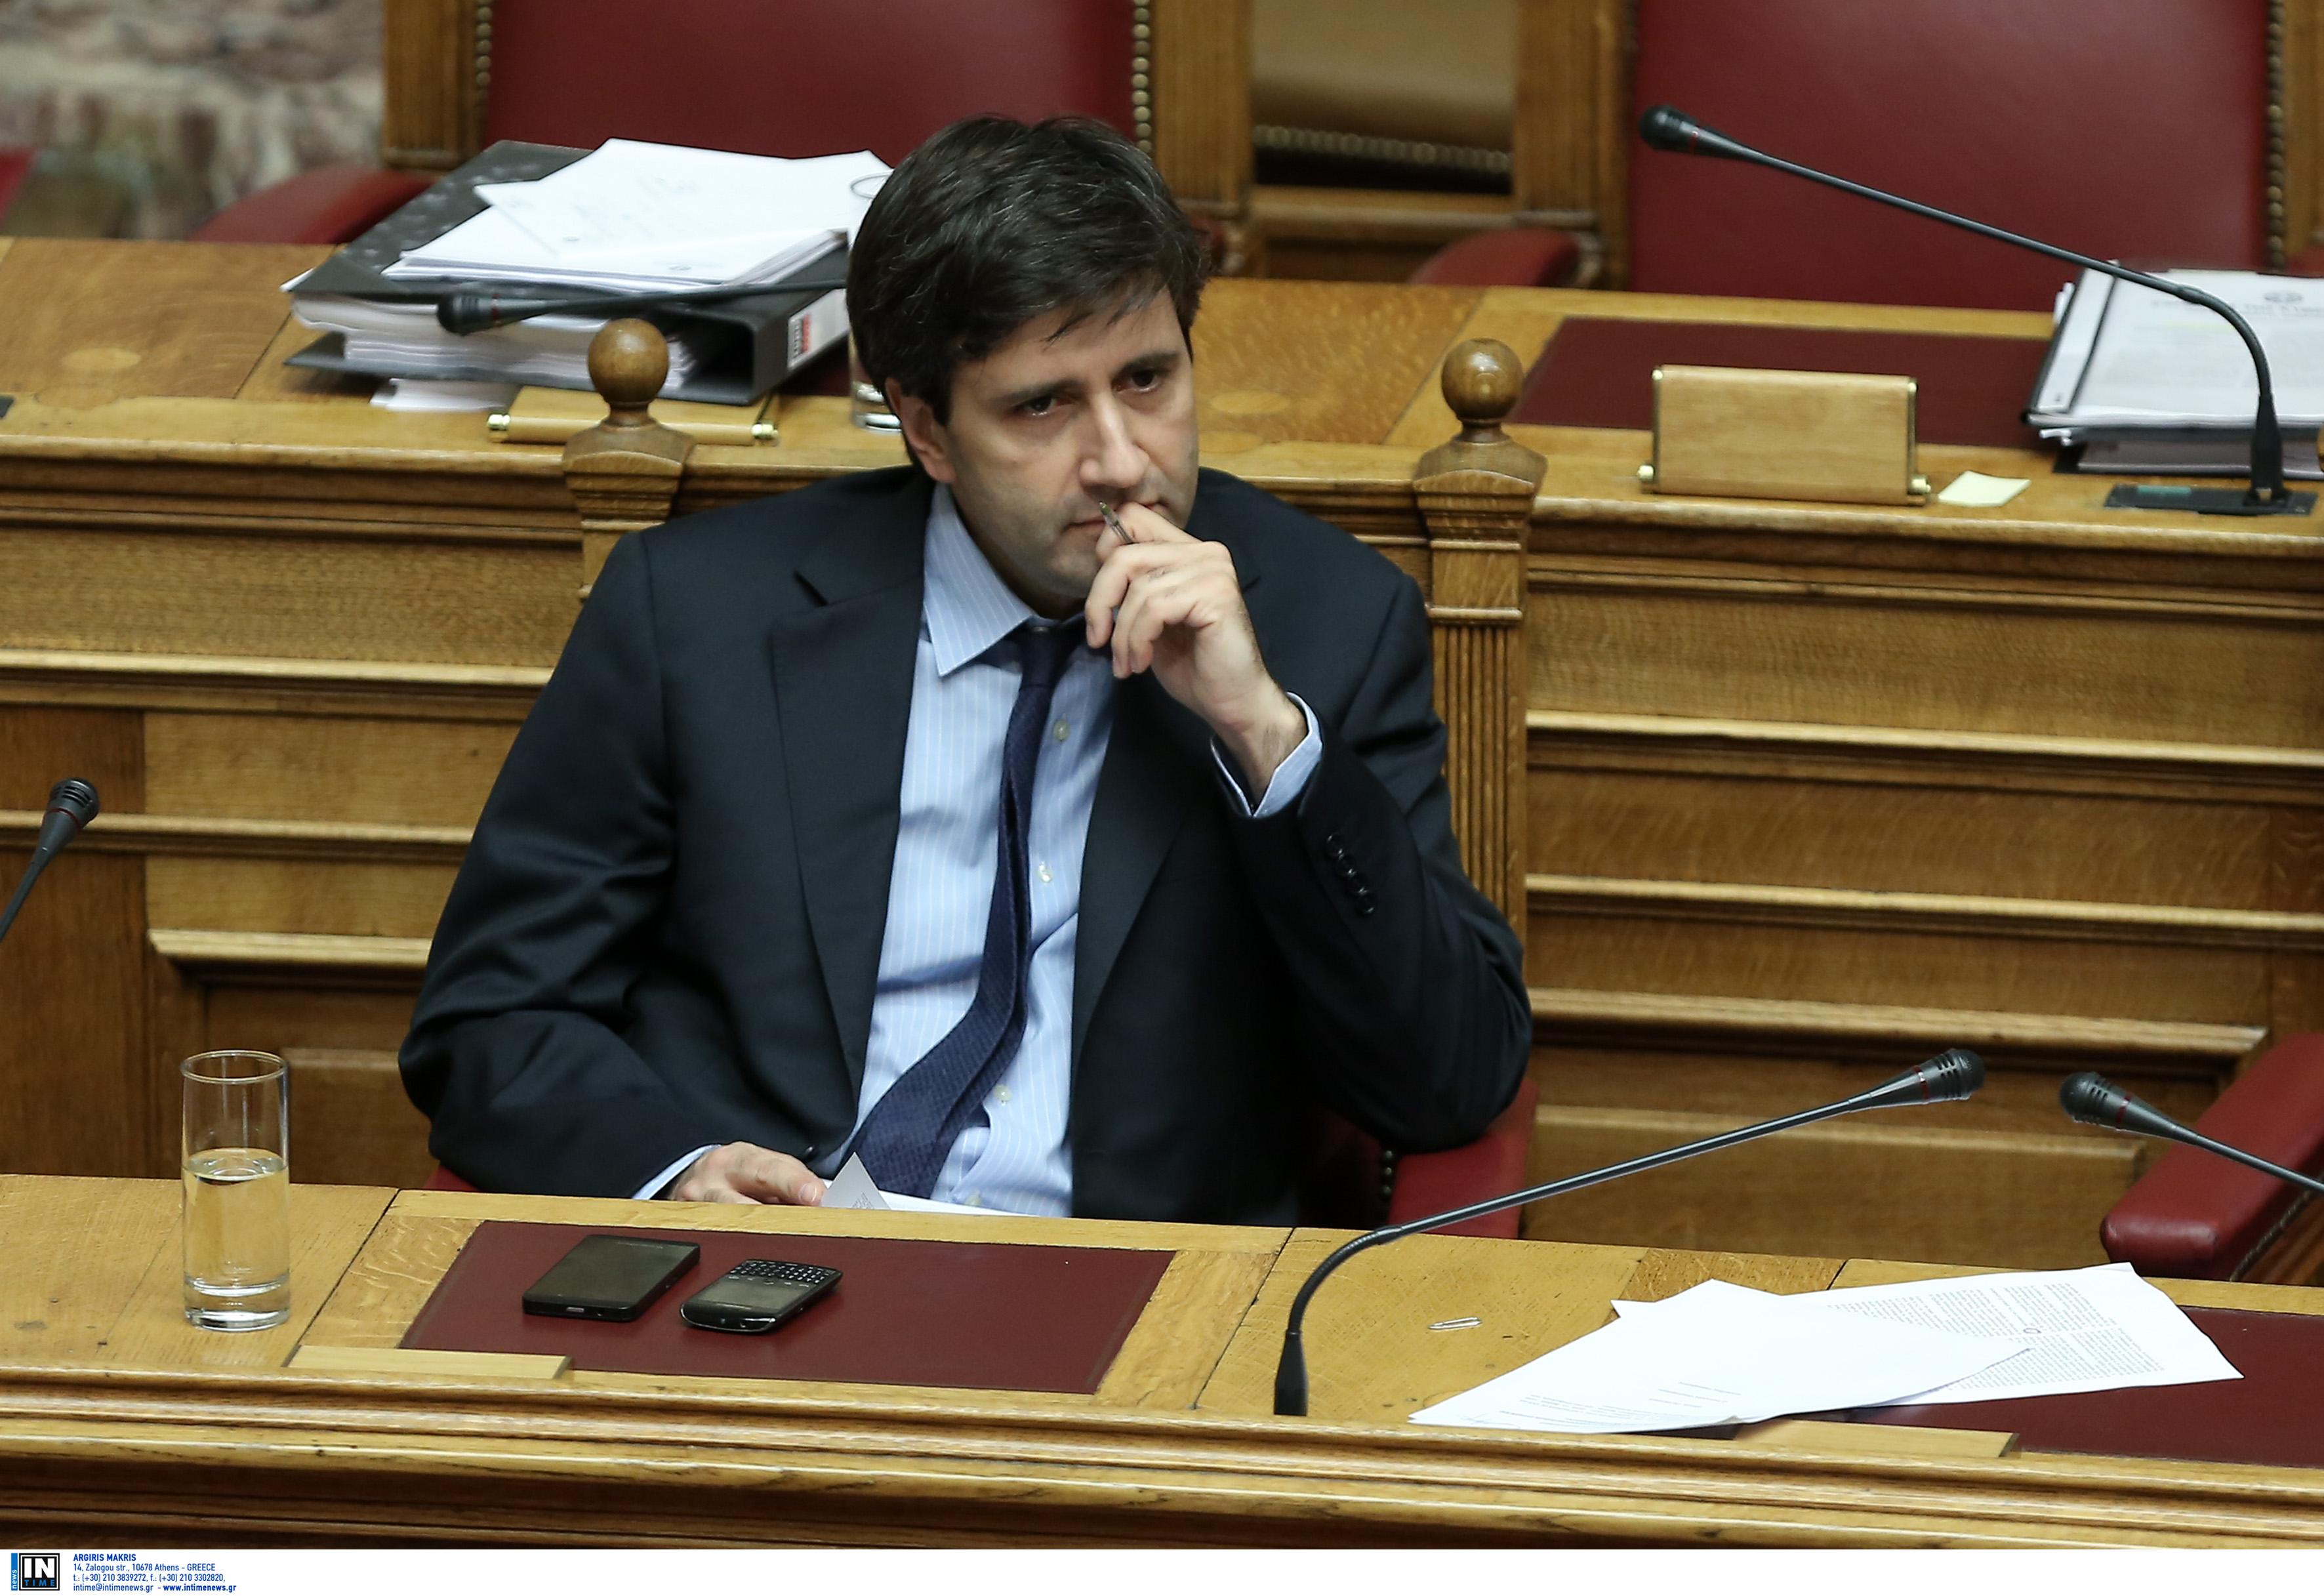 Χουλιαράκης: Επιτυχία ο καθορισμός χαμηλών πρωτογενών πλεονασμάτων   tovima.gr